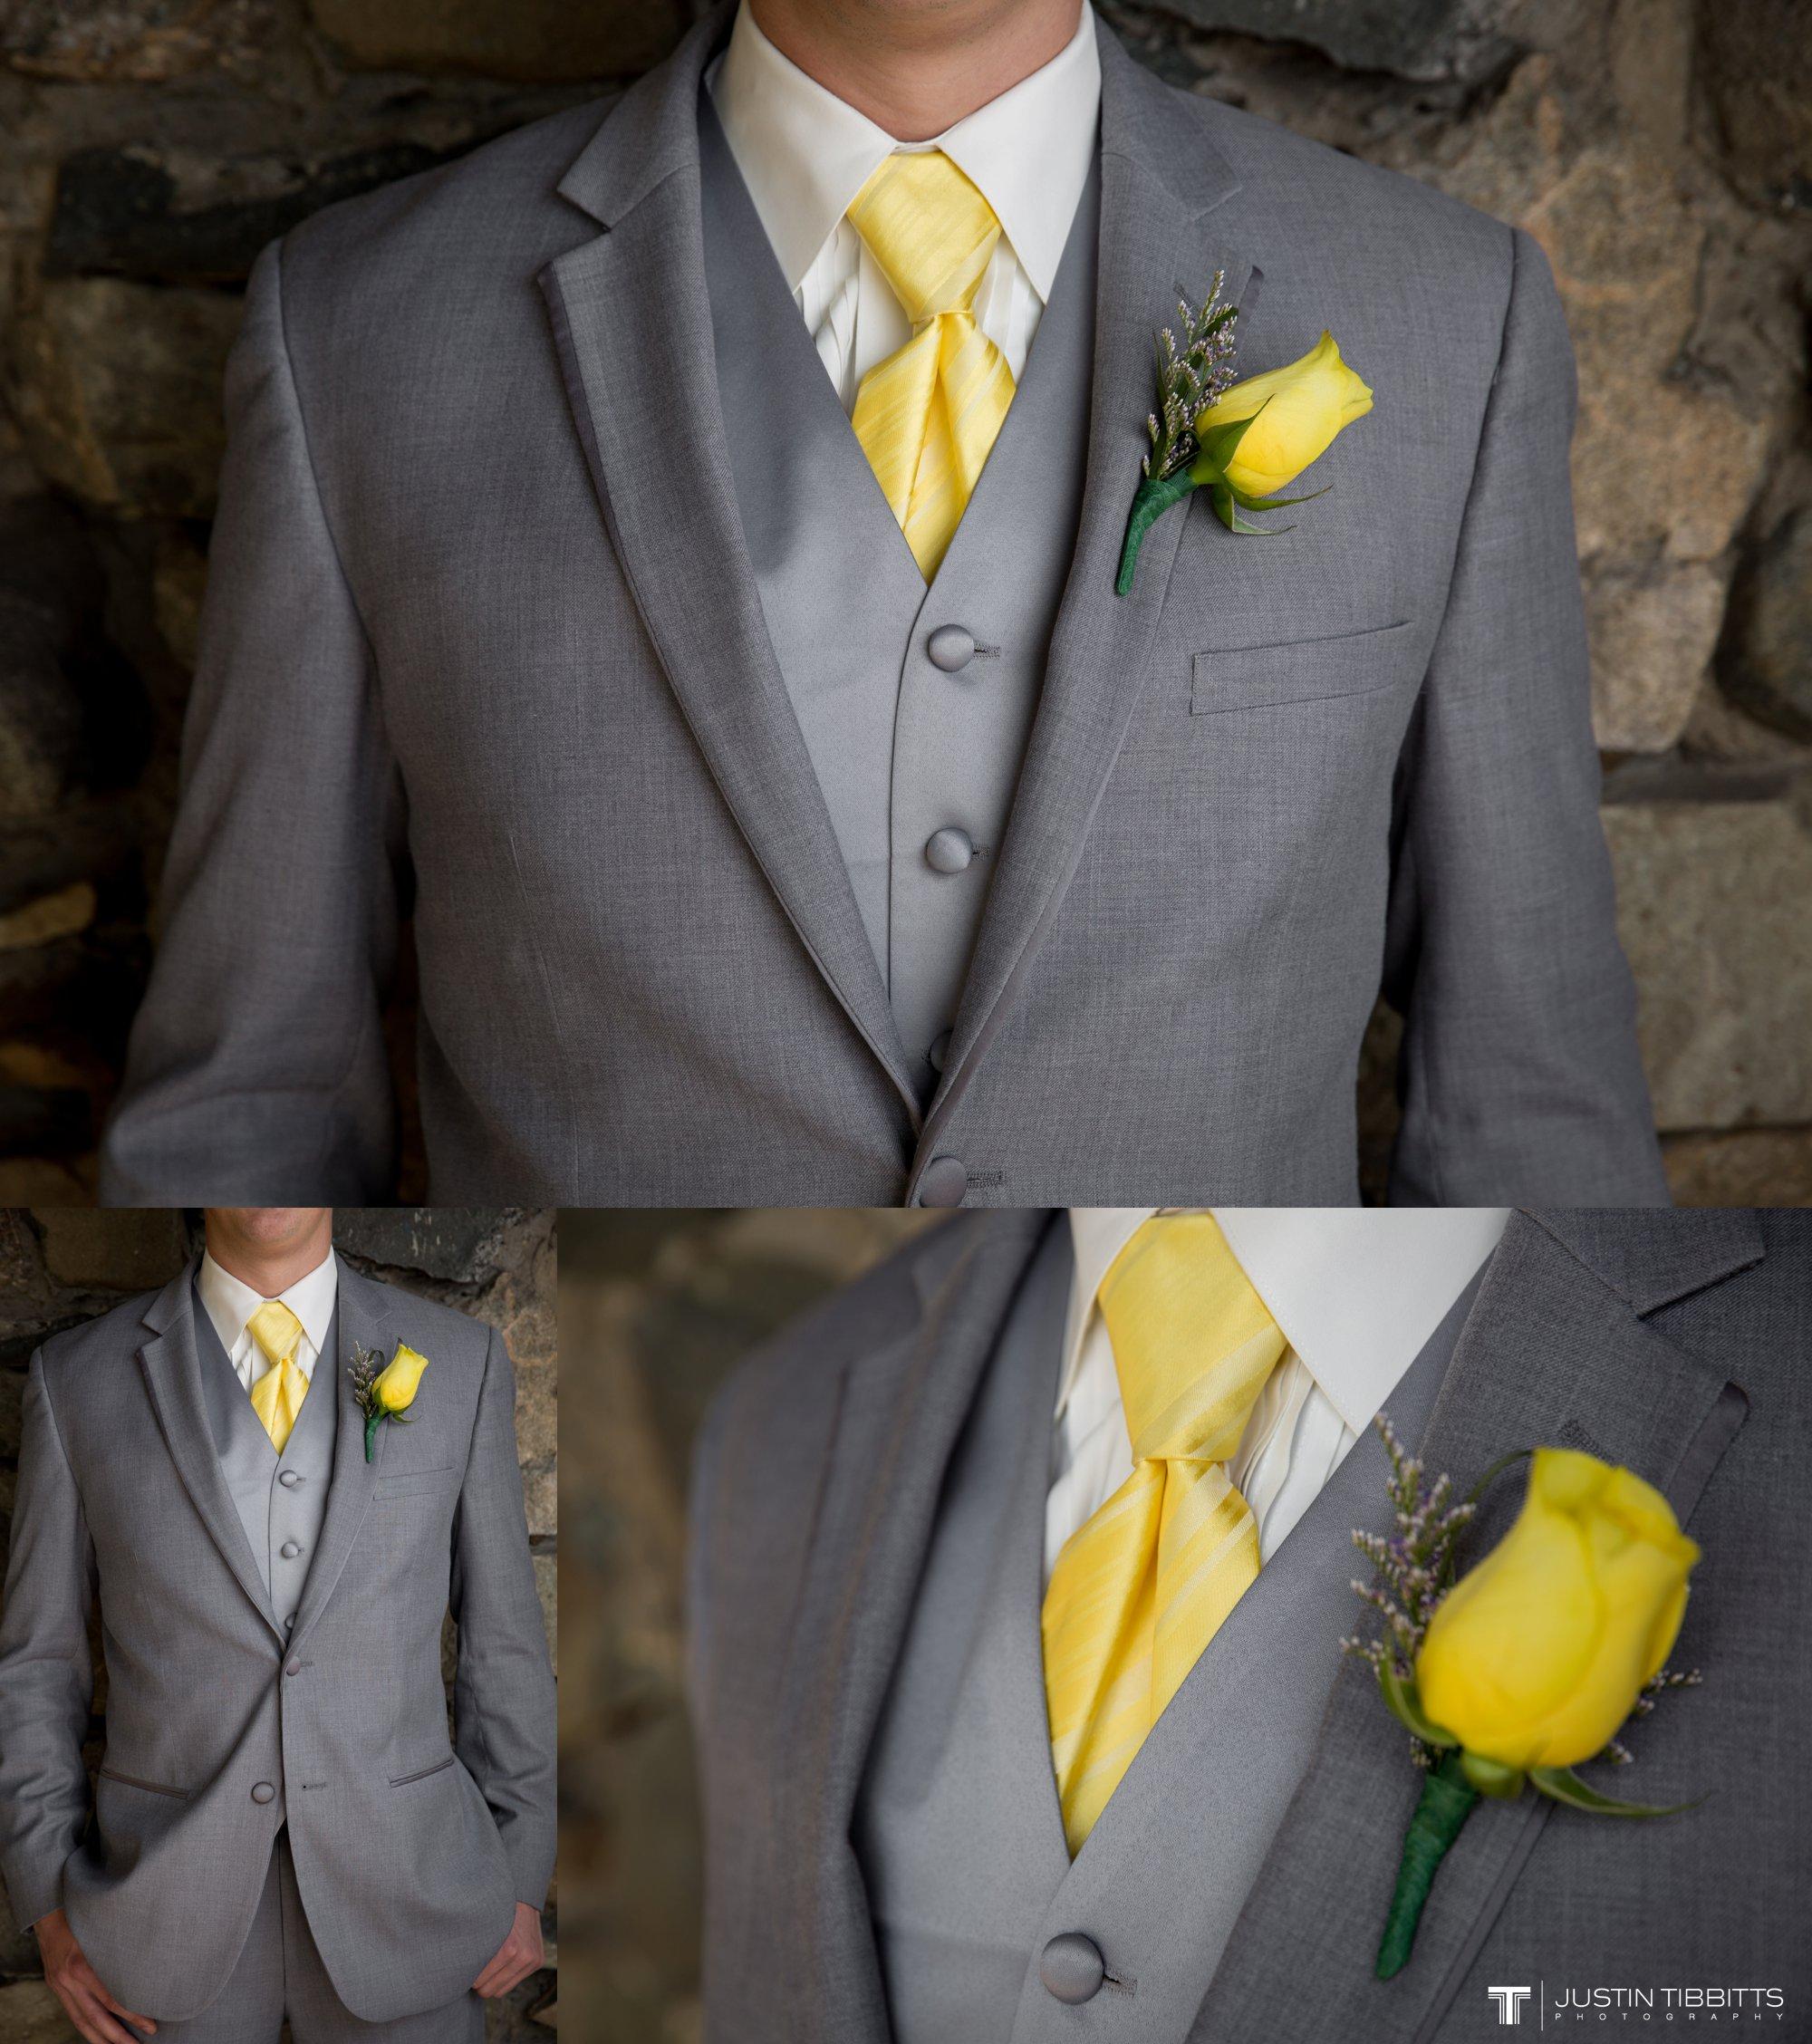 Albany NY Wedding Photographer Justin Tibbitts Photography 2014 Best of Albany NY Weddings-972737